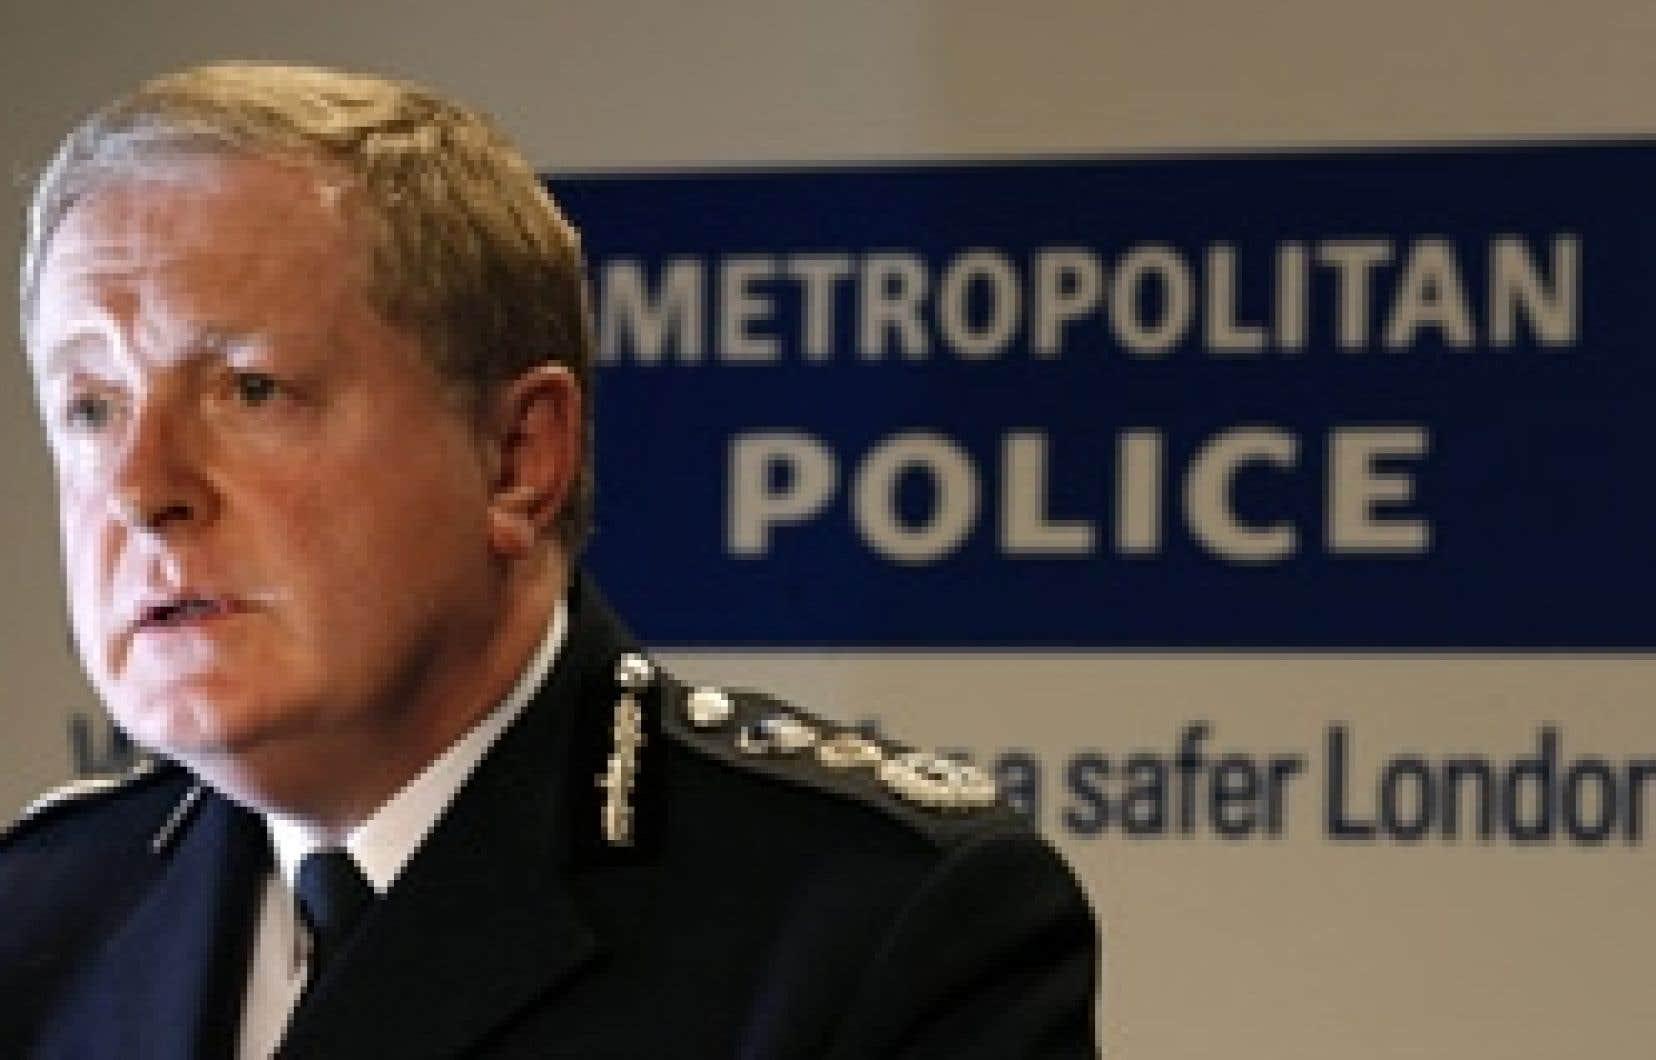 Alessia Pierdomenico reuters Le patron de la police britannique, Ian Blair, a été dédouané par la commission d'enquête.